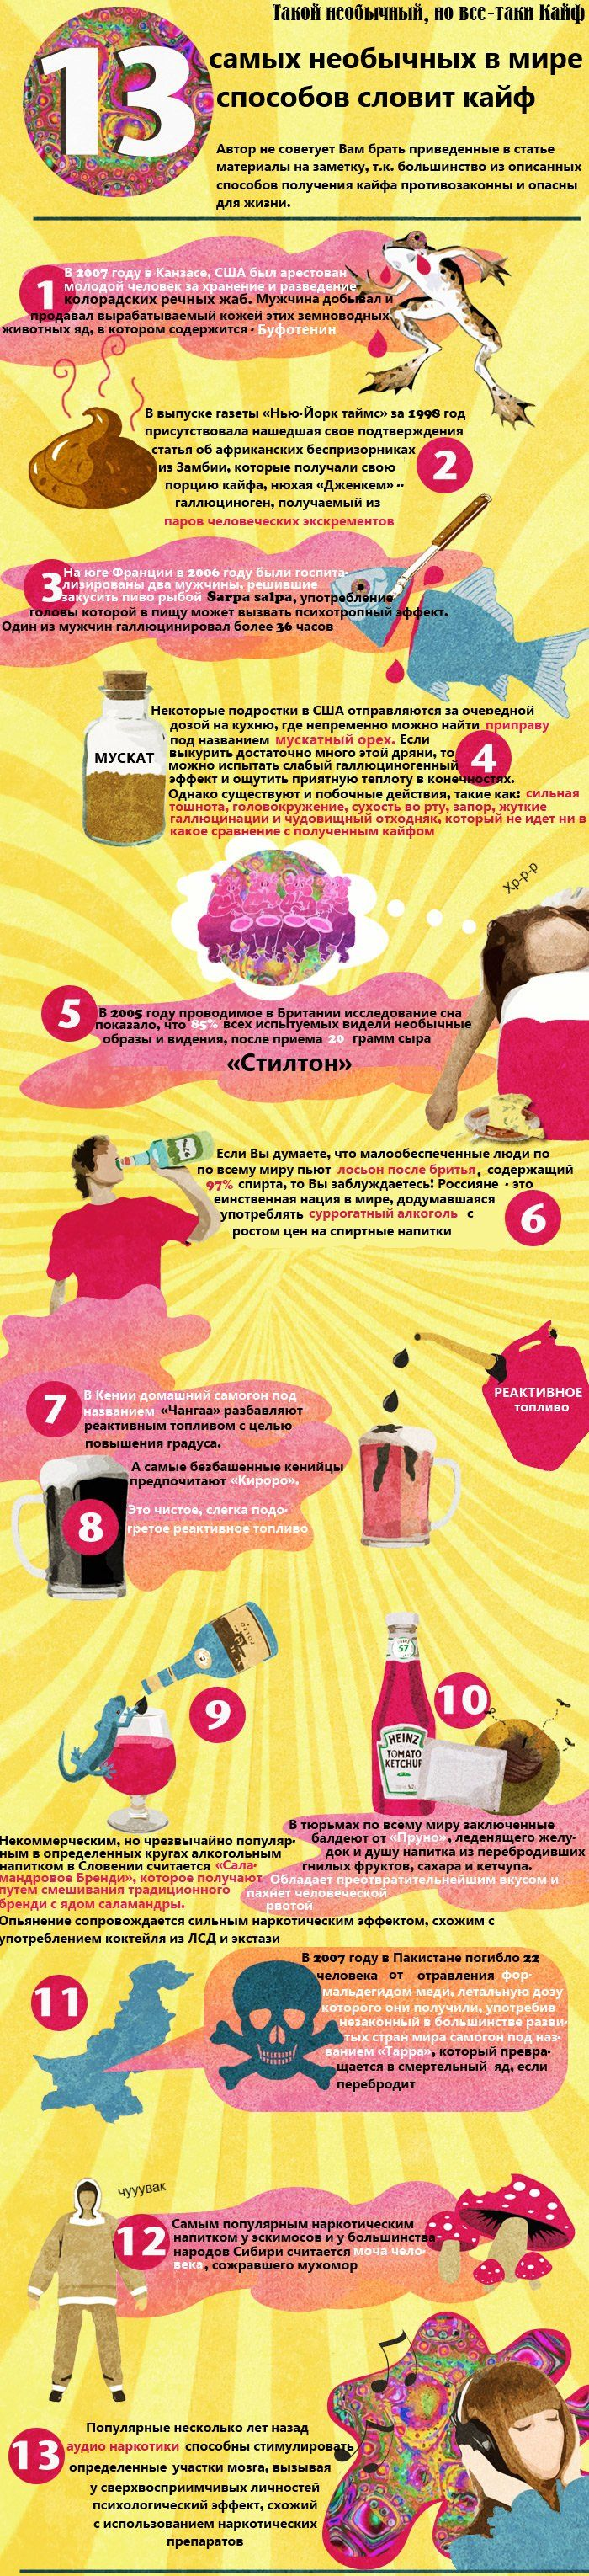 13 самых необычных способов словить кайф (1 картинка)